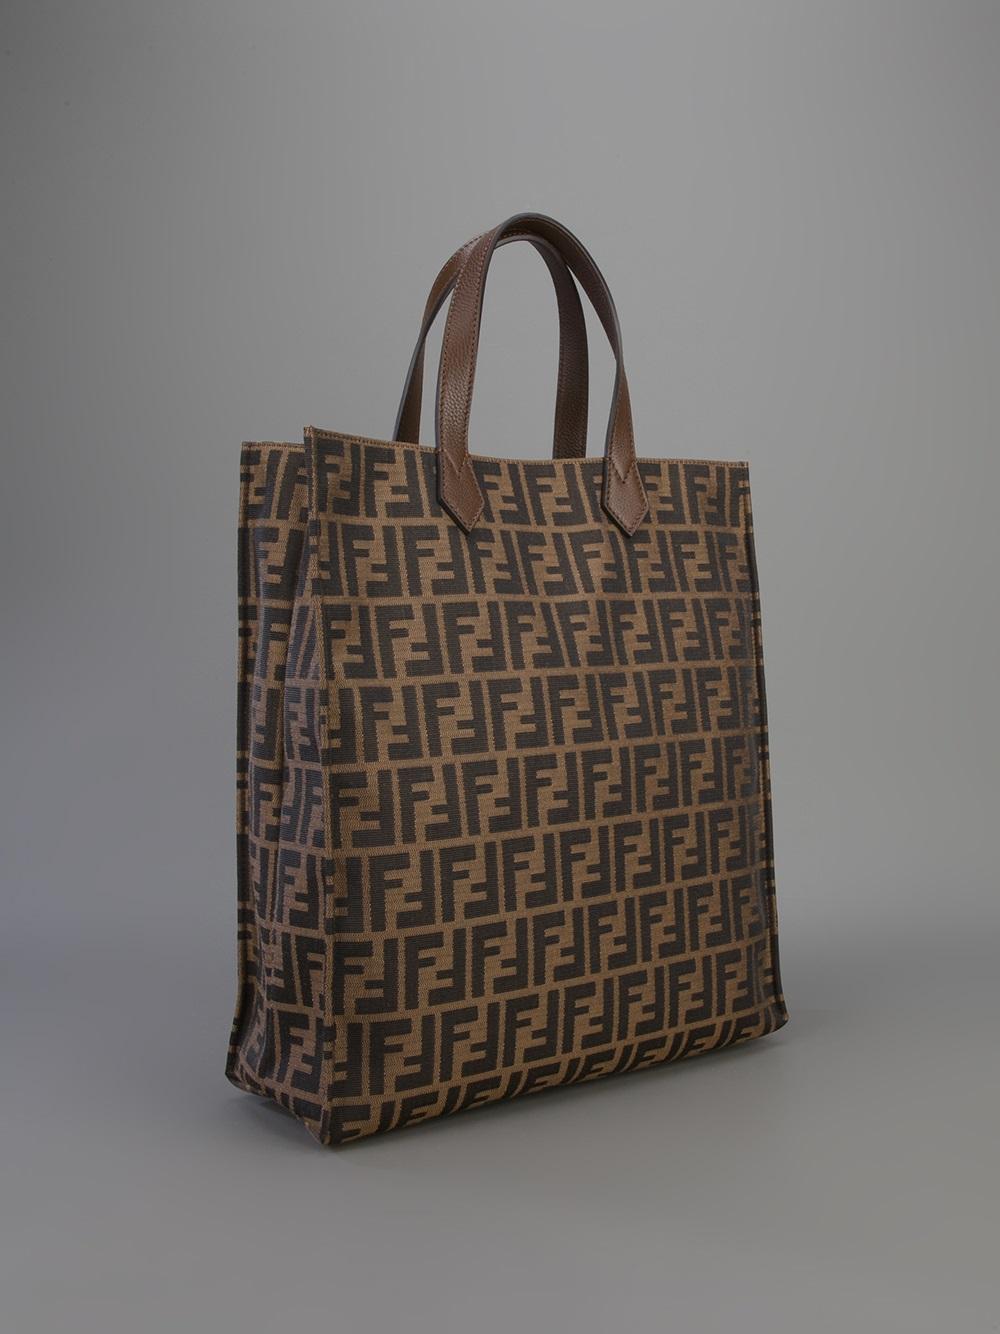 5df556b24079 ... spain lyst fendi zucca shopper tote in brown 14b88 c2bbd